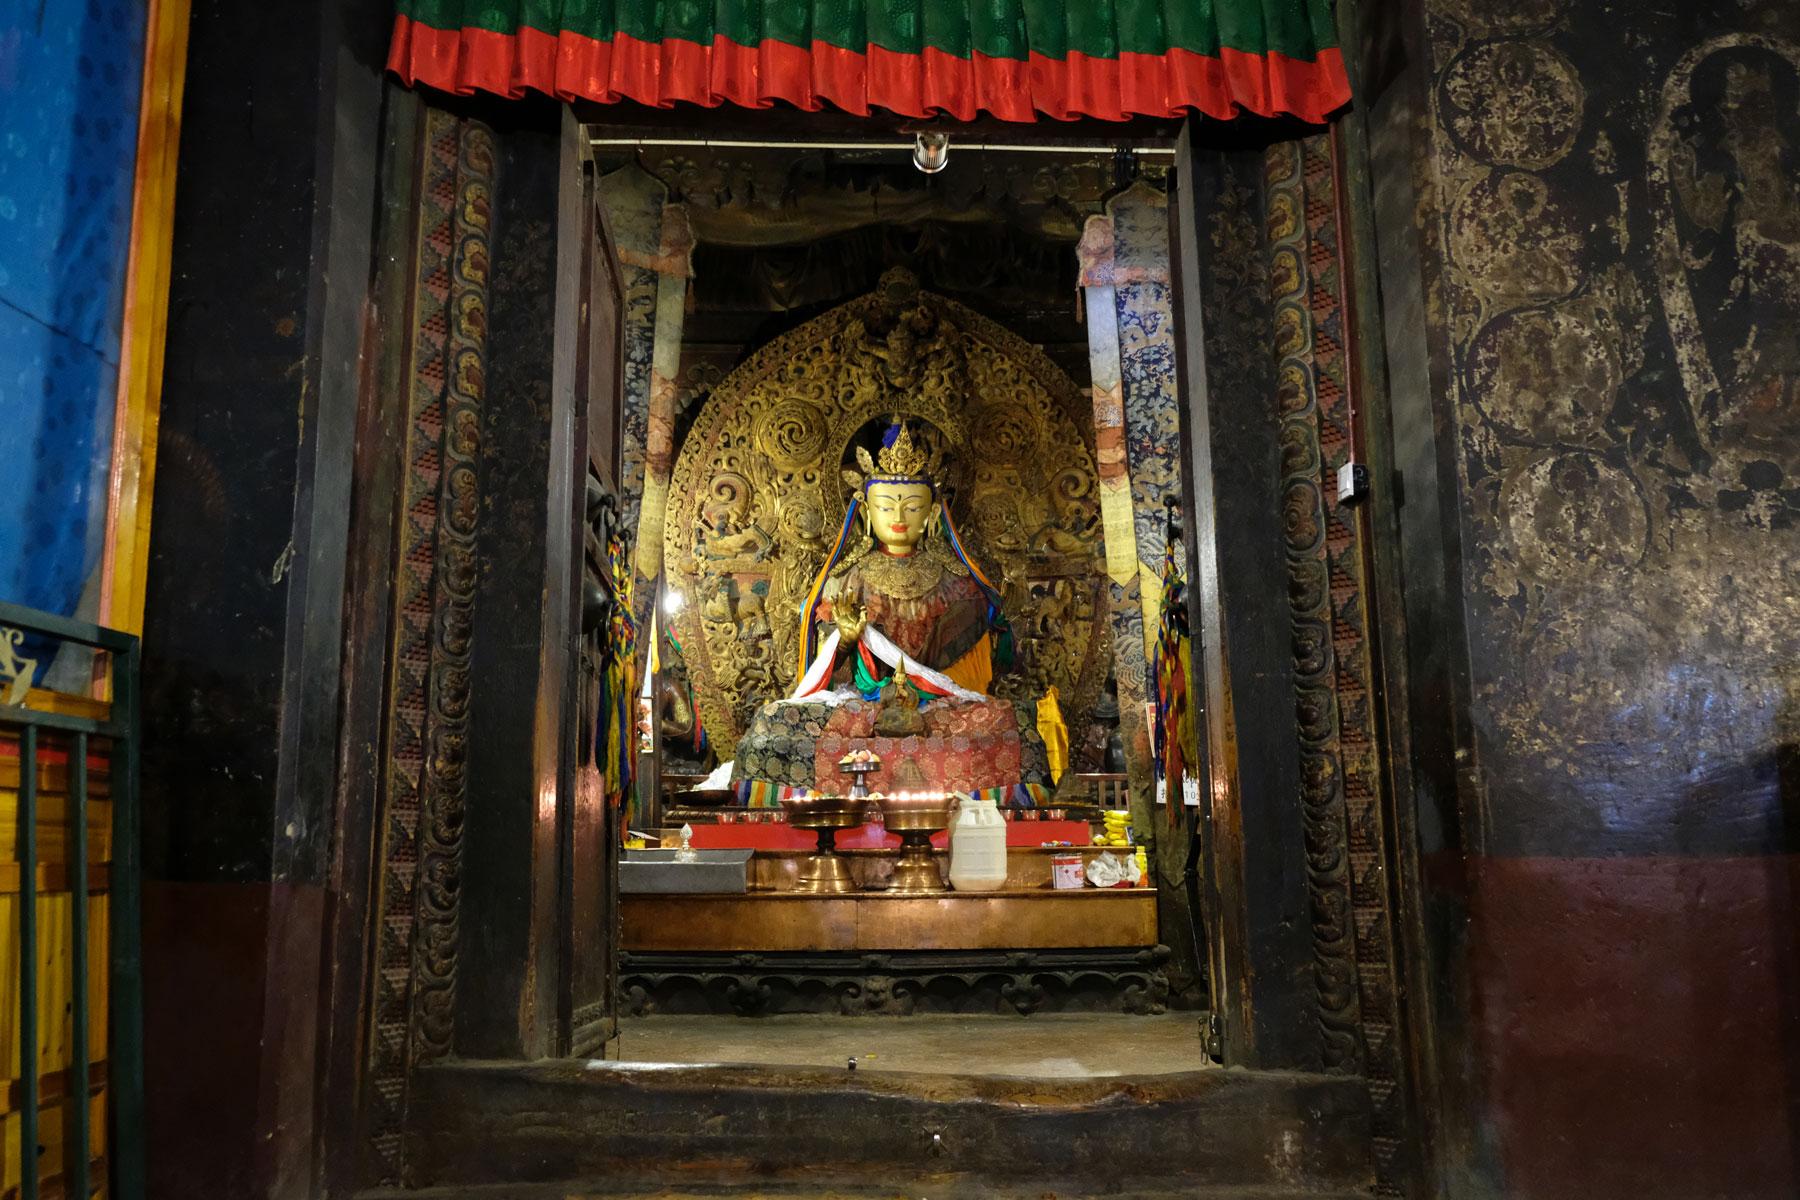 Ein goldener Buddha im Kloster Phalkor oder Balkor in Gyantse in Tibet.